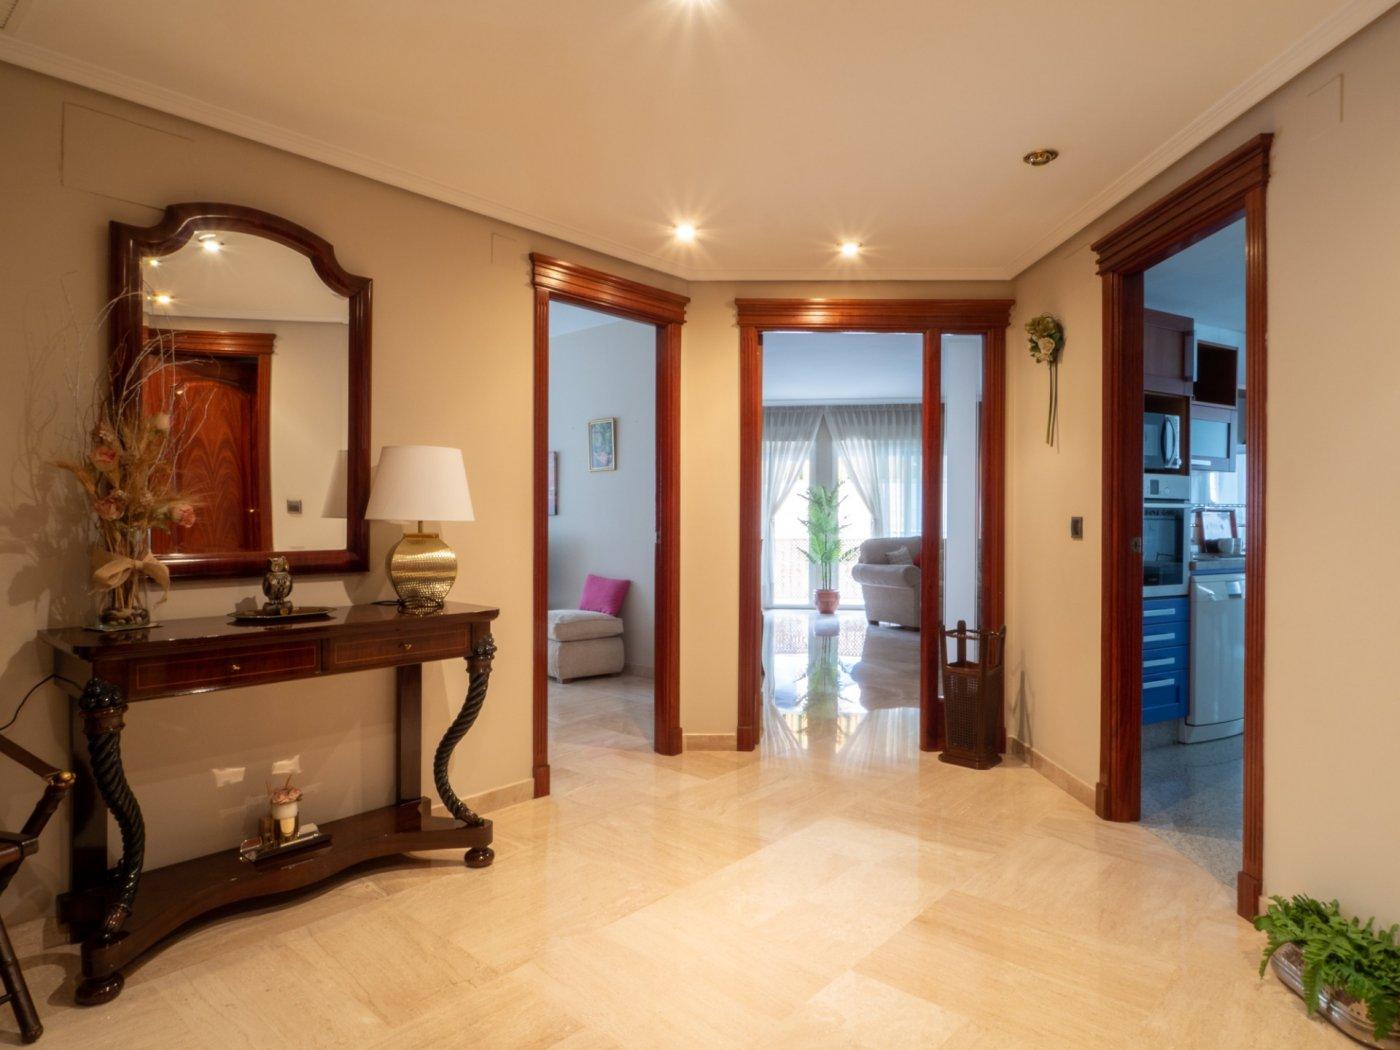 Fantastica vivienda de 5 dormitorios en gran capitan - imagenInmueble0